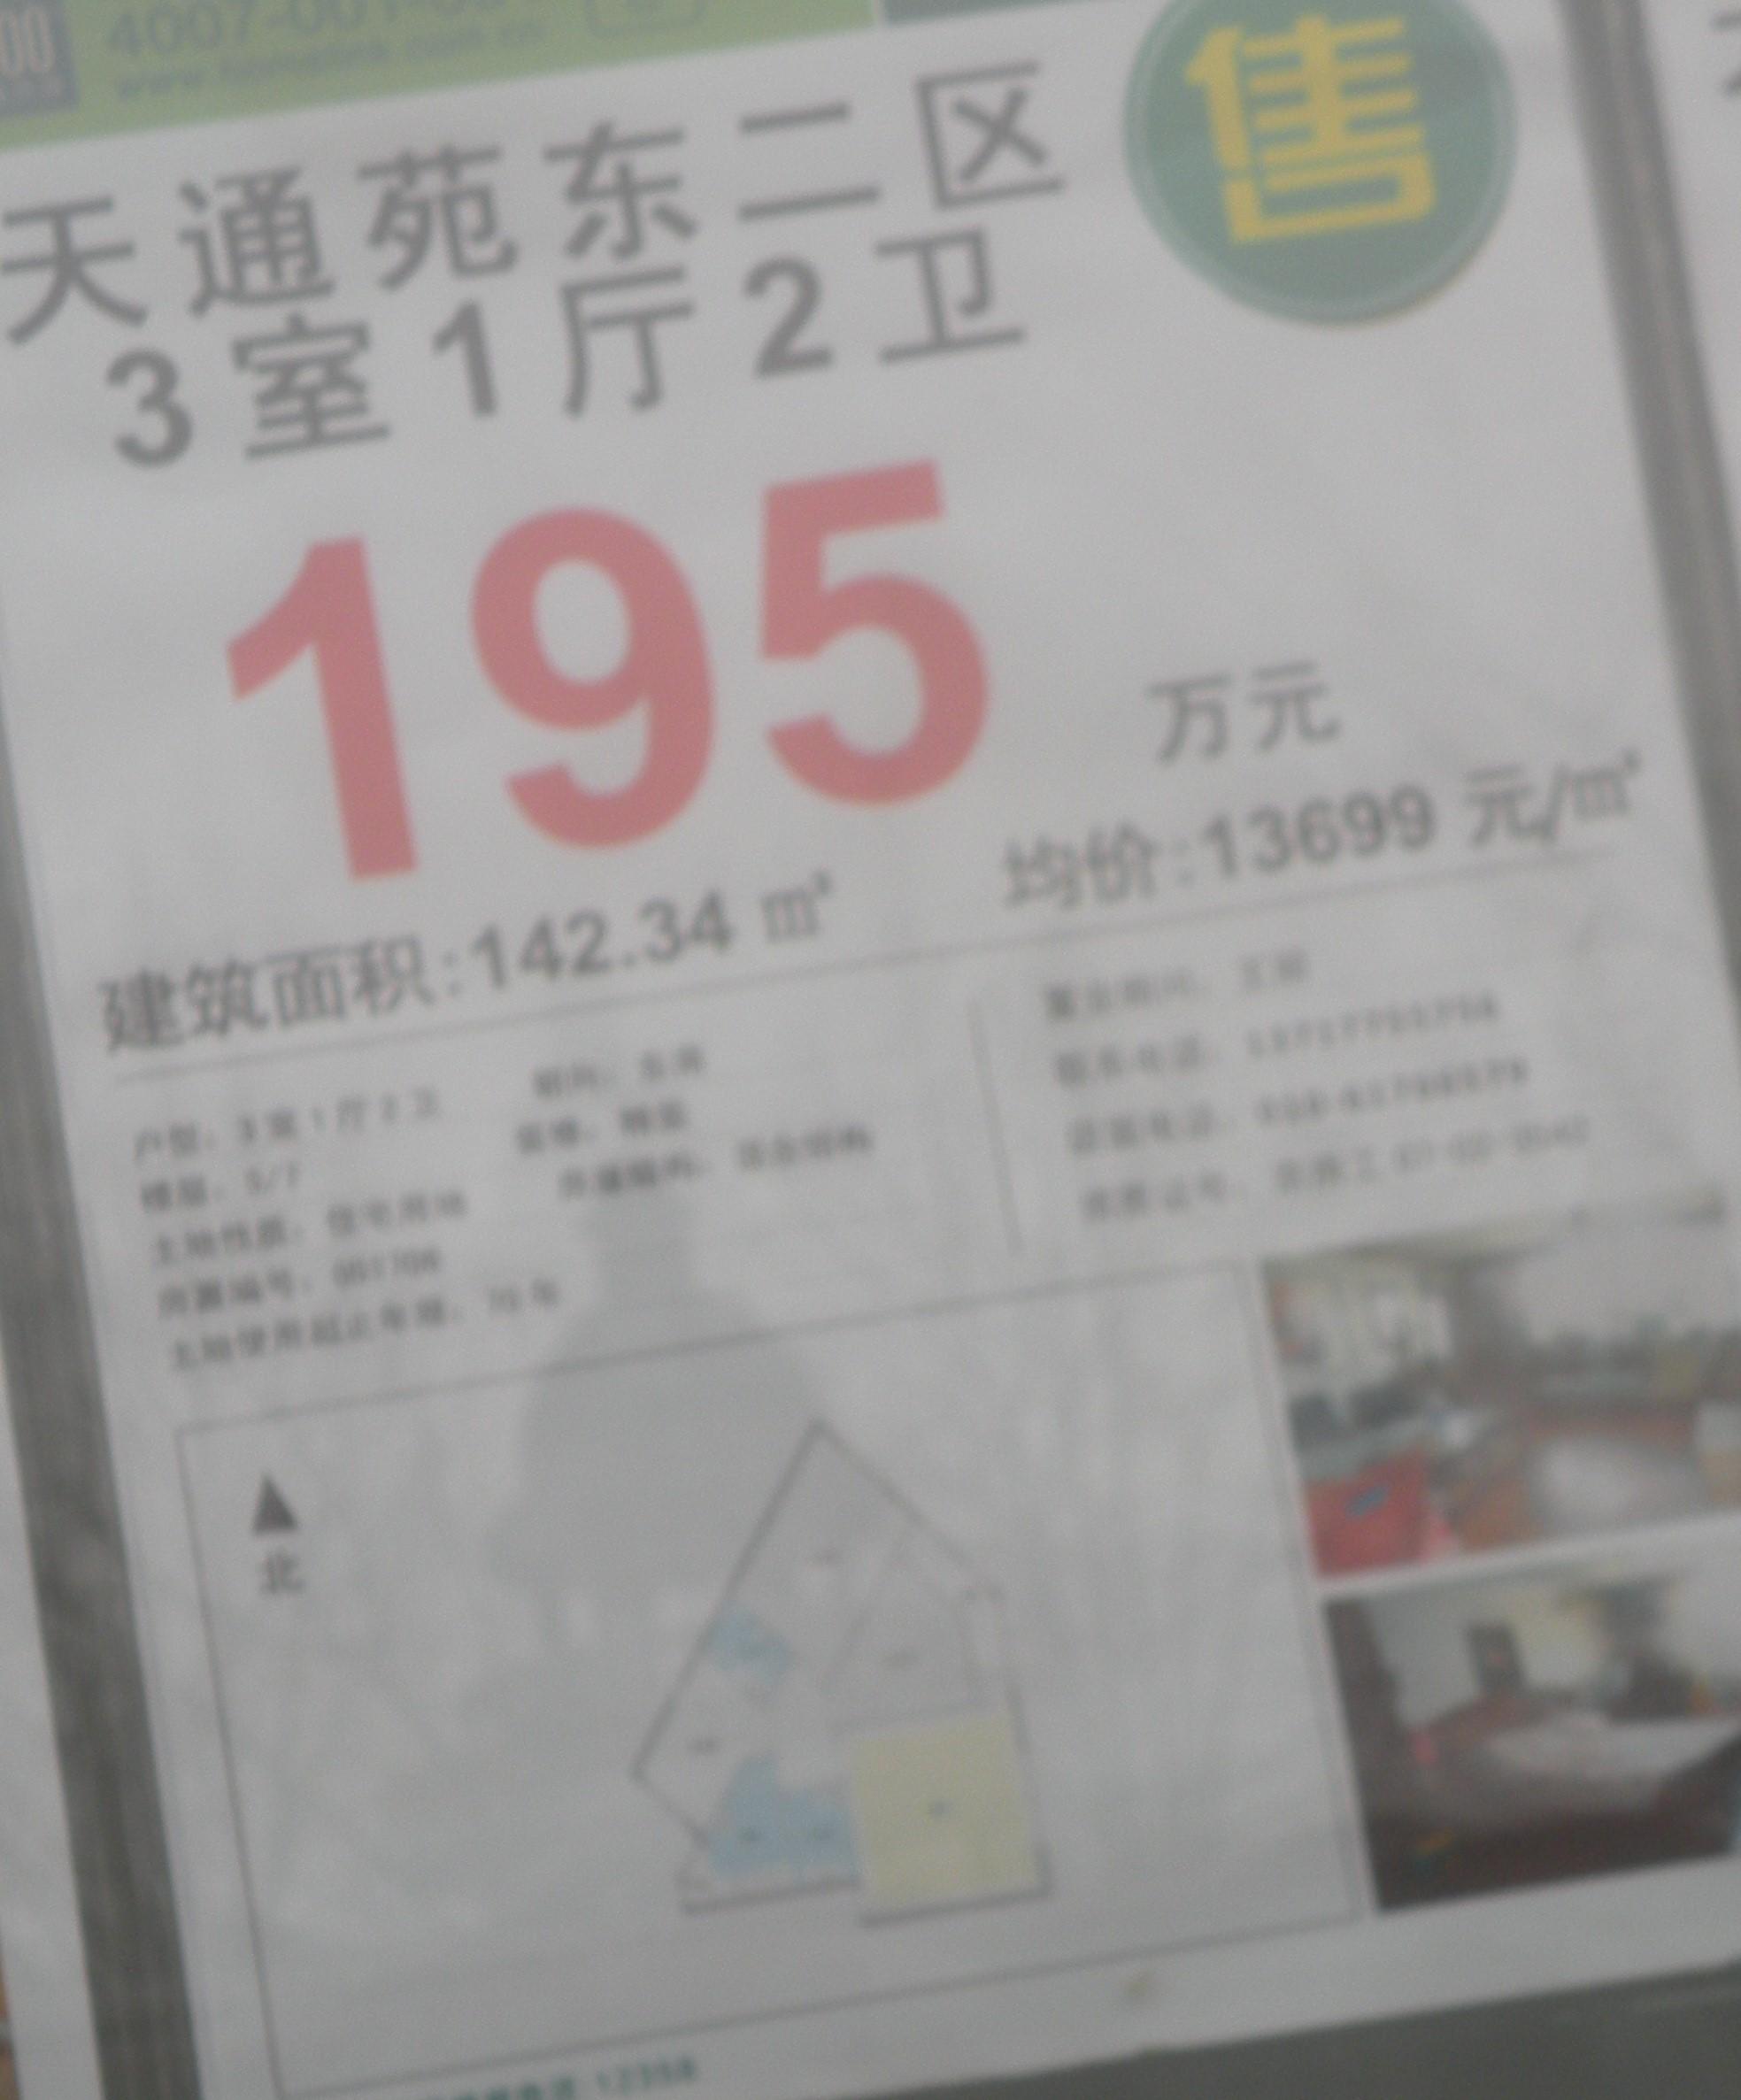 DSCN6831.JPG